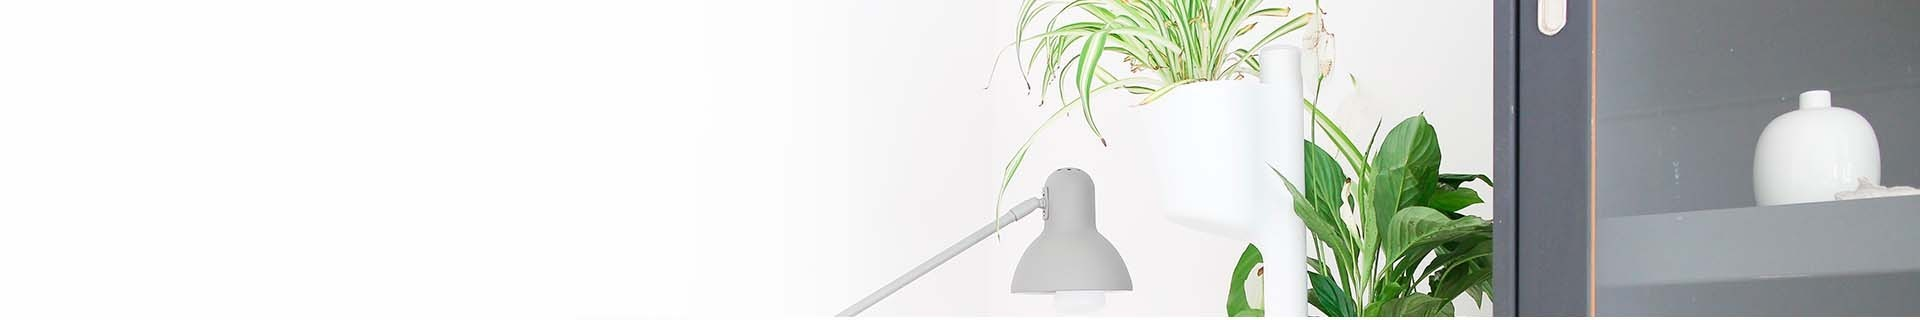 Citysens est une jardinière d'intérieur à arrosage automatique